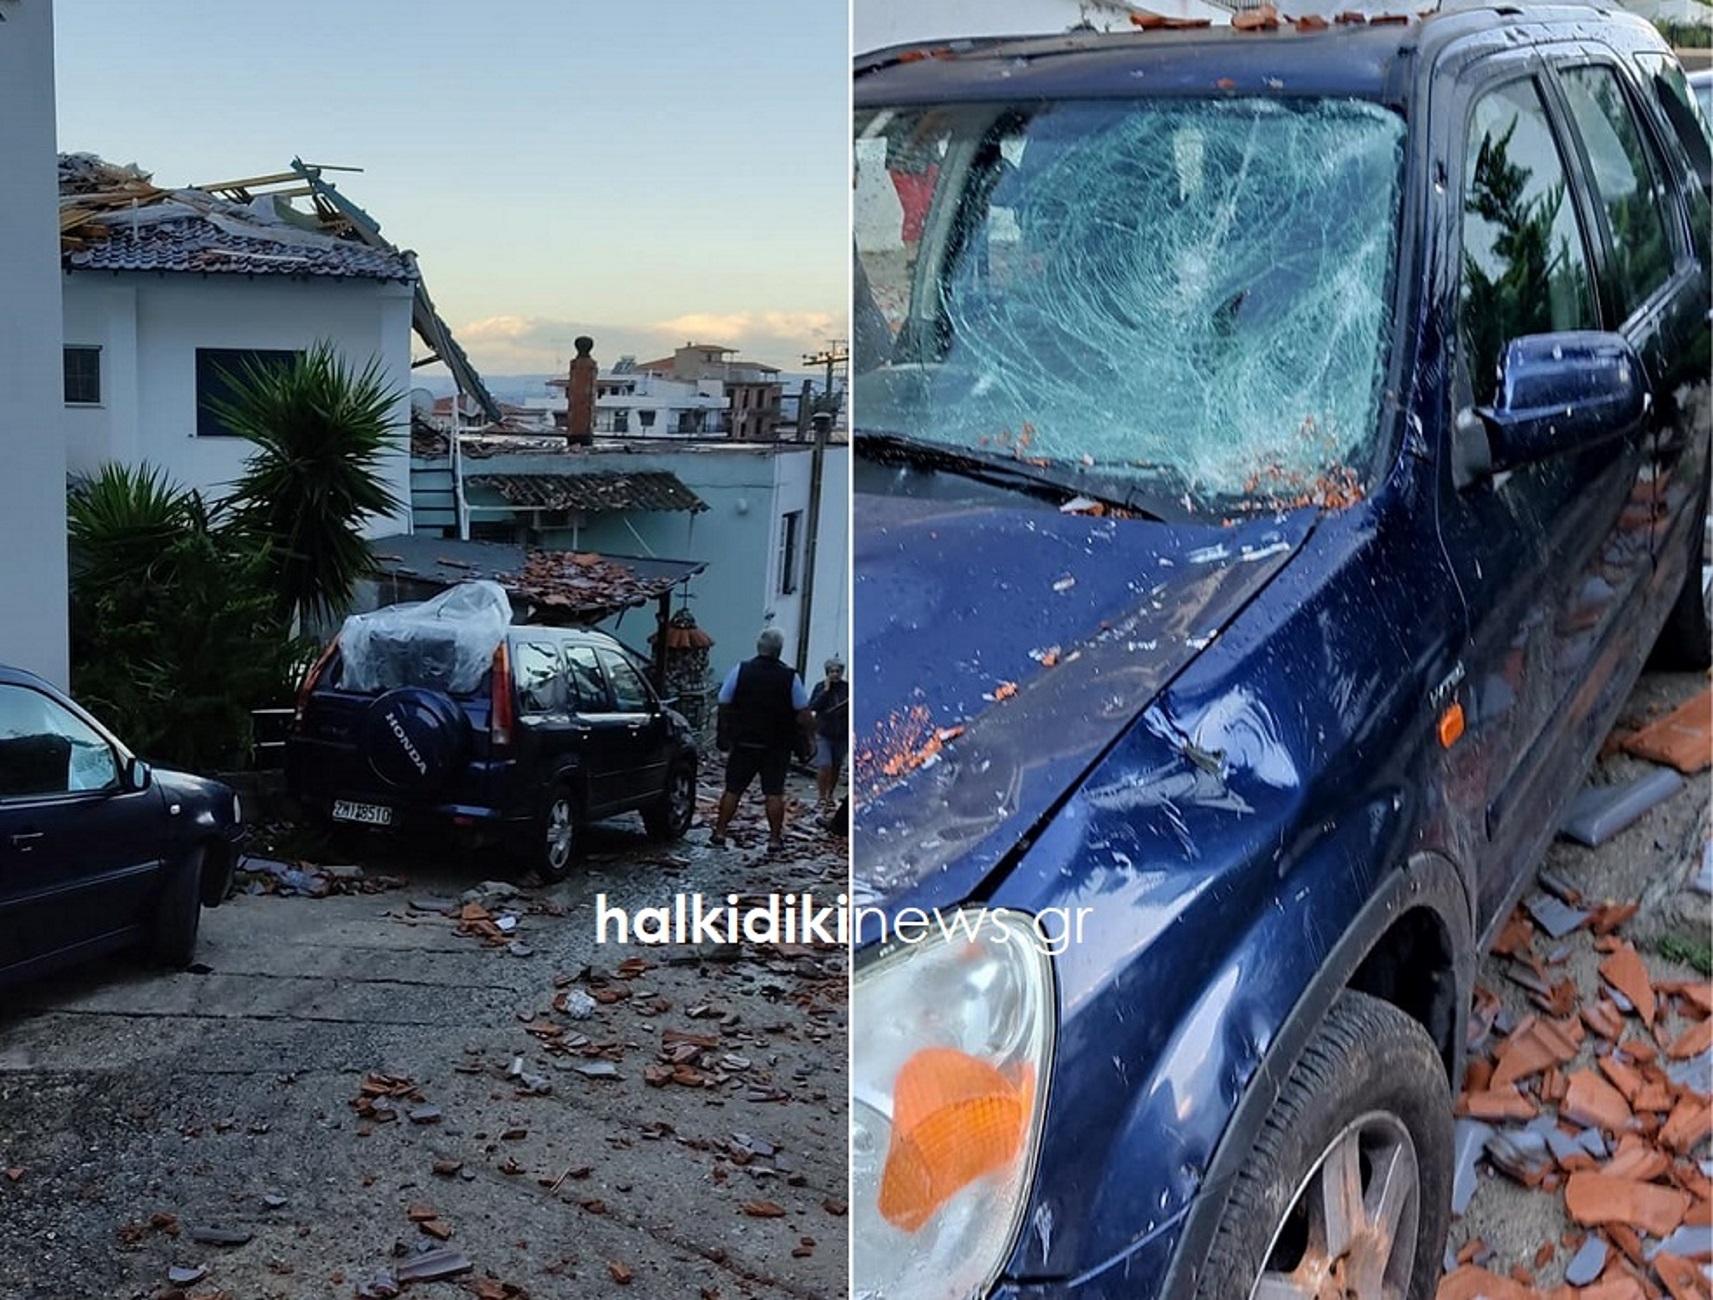 Χαλκιδική: Ανεμοστρόβιλος διέλυσε σπίτια και αυτοκίνητα! Δείτε τις εικόνες καταστροφής στη Σιθωνία (Φωτό)